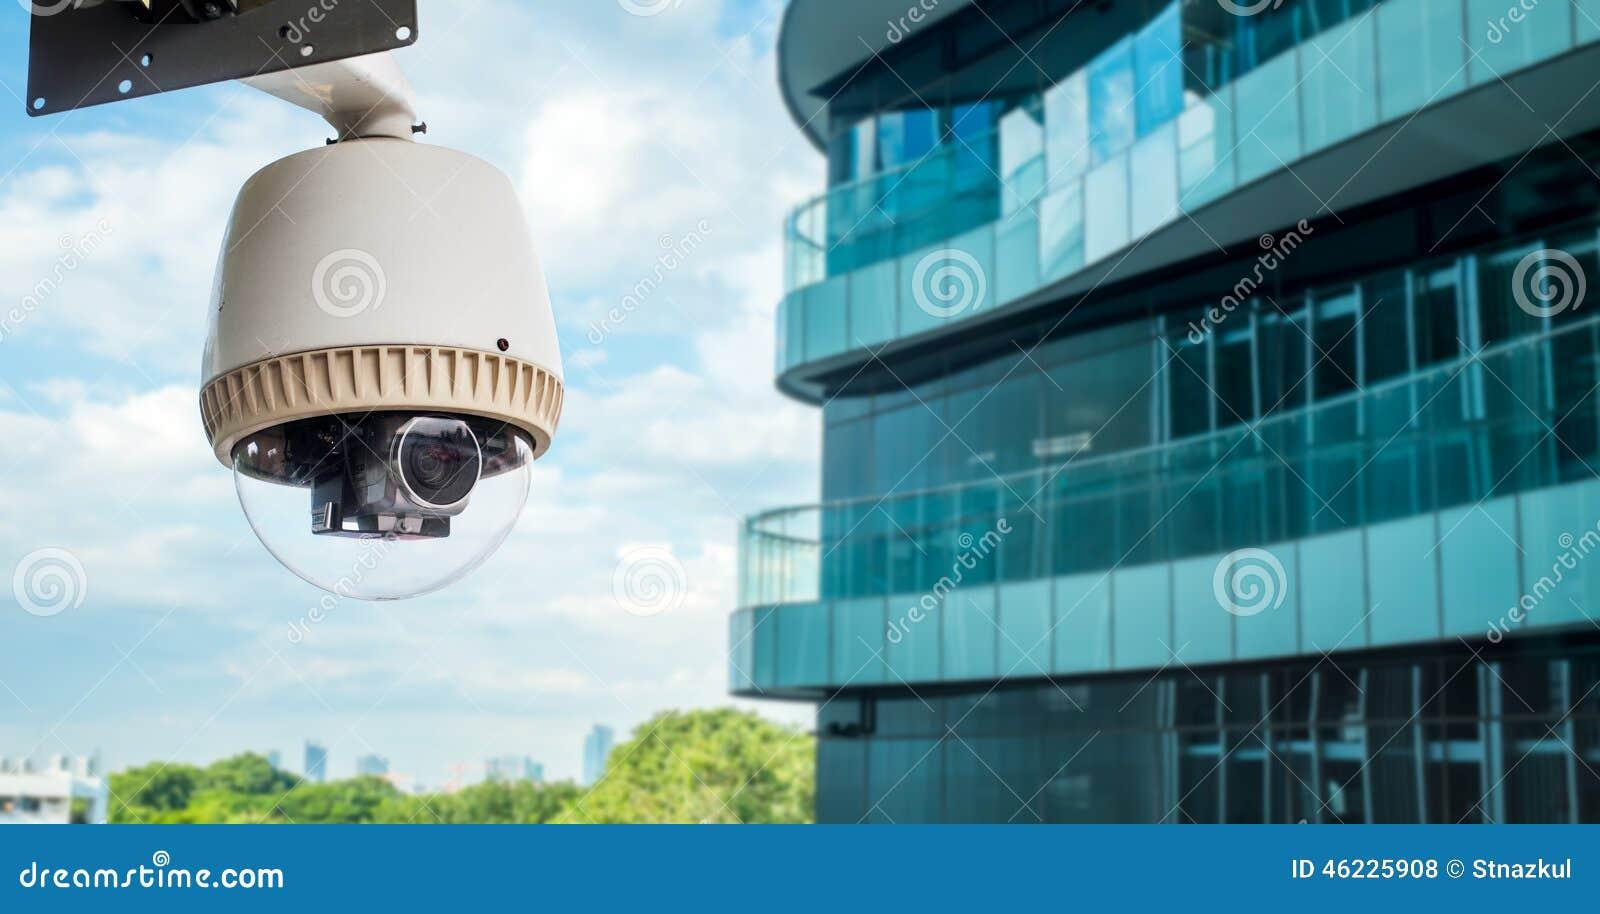 η υψηλή απεικόνιση CCTV φωτογραφικών μηχανών ανασκόπησης απομόνωσε το ποιοτικό λευκό